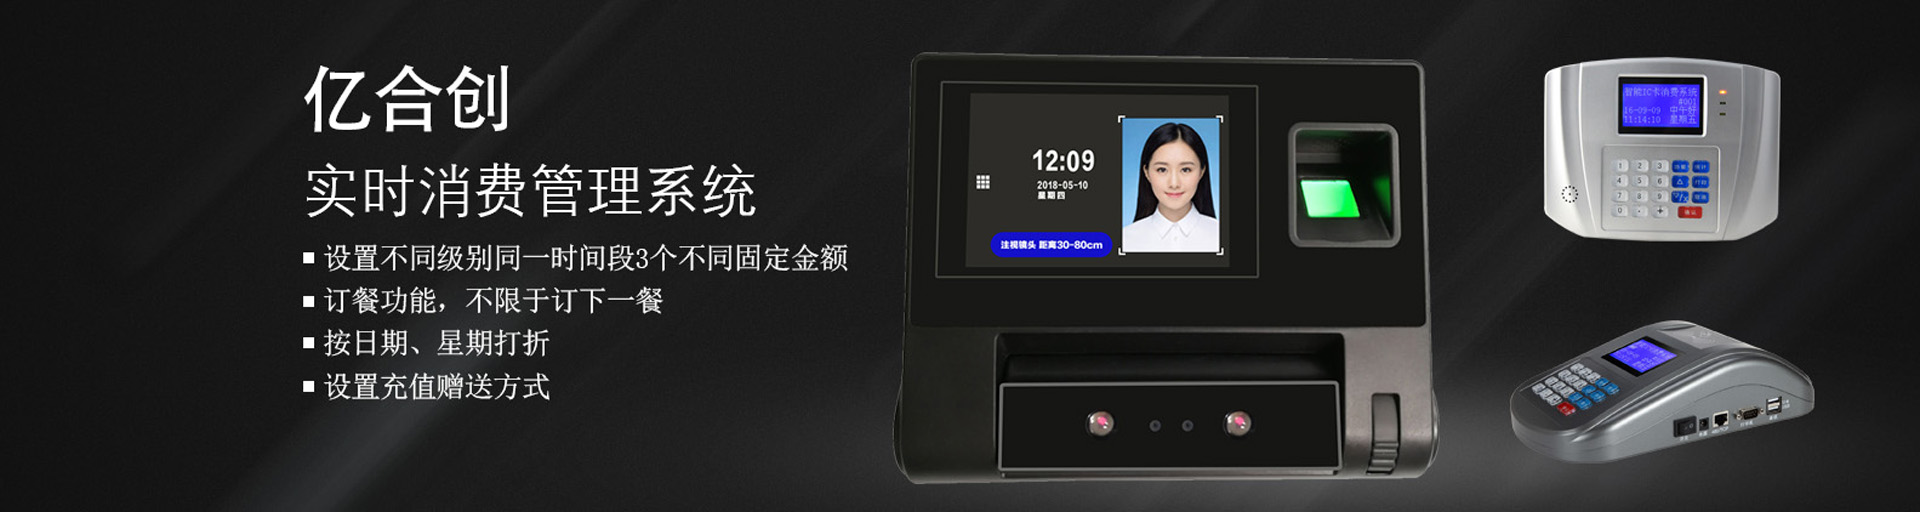 深圳亿合创食堂刷卡机